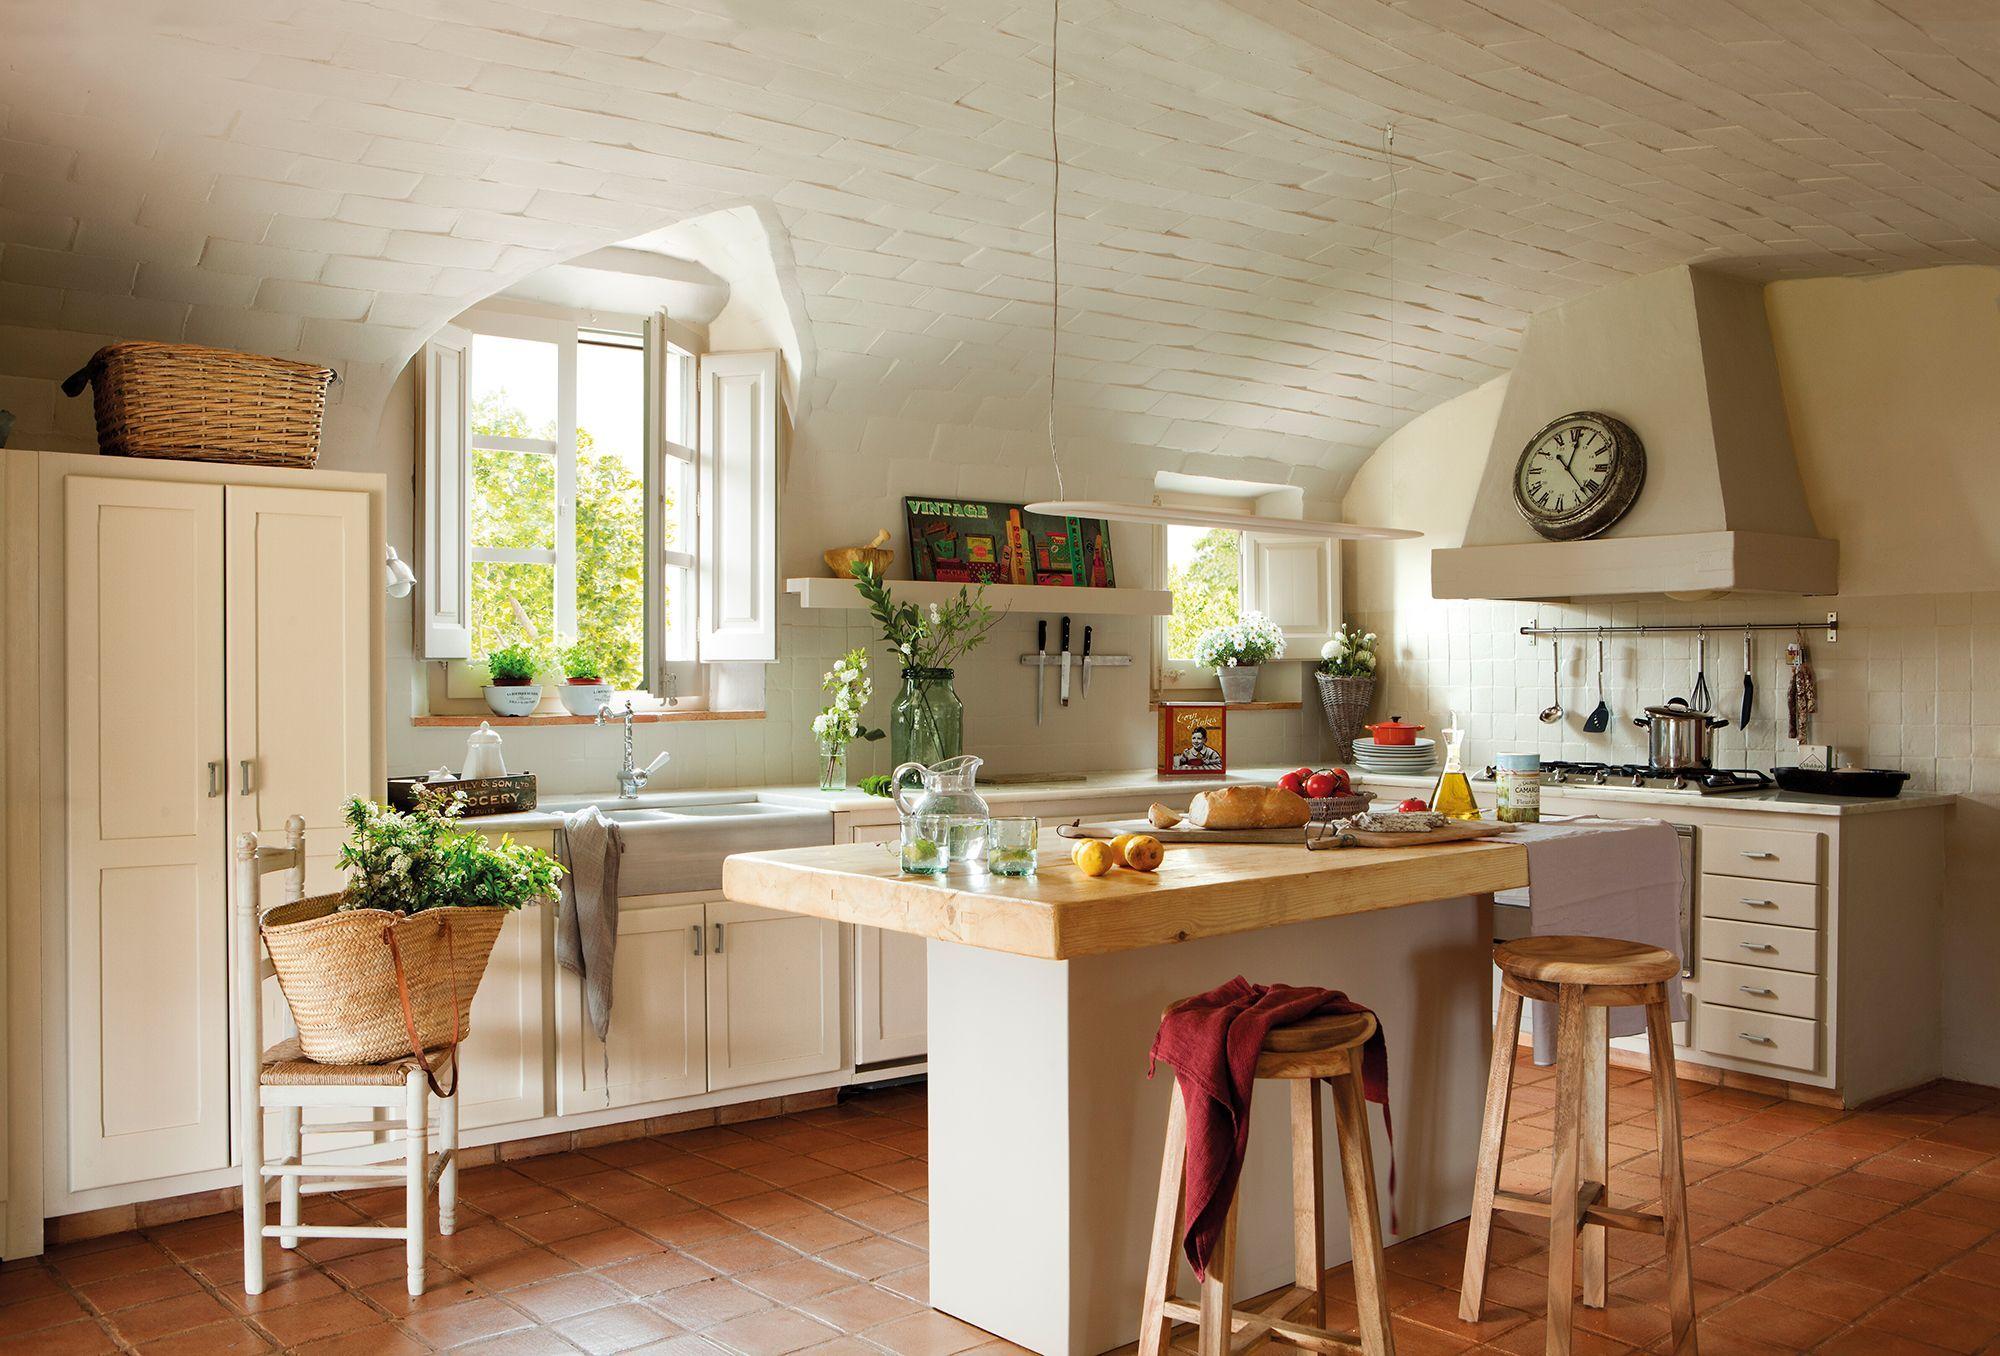 Cocina campestre con techo abovedado e isla central for Cocinas campestres pequenas